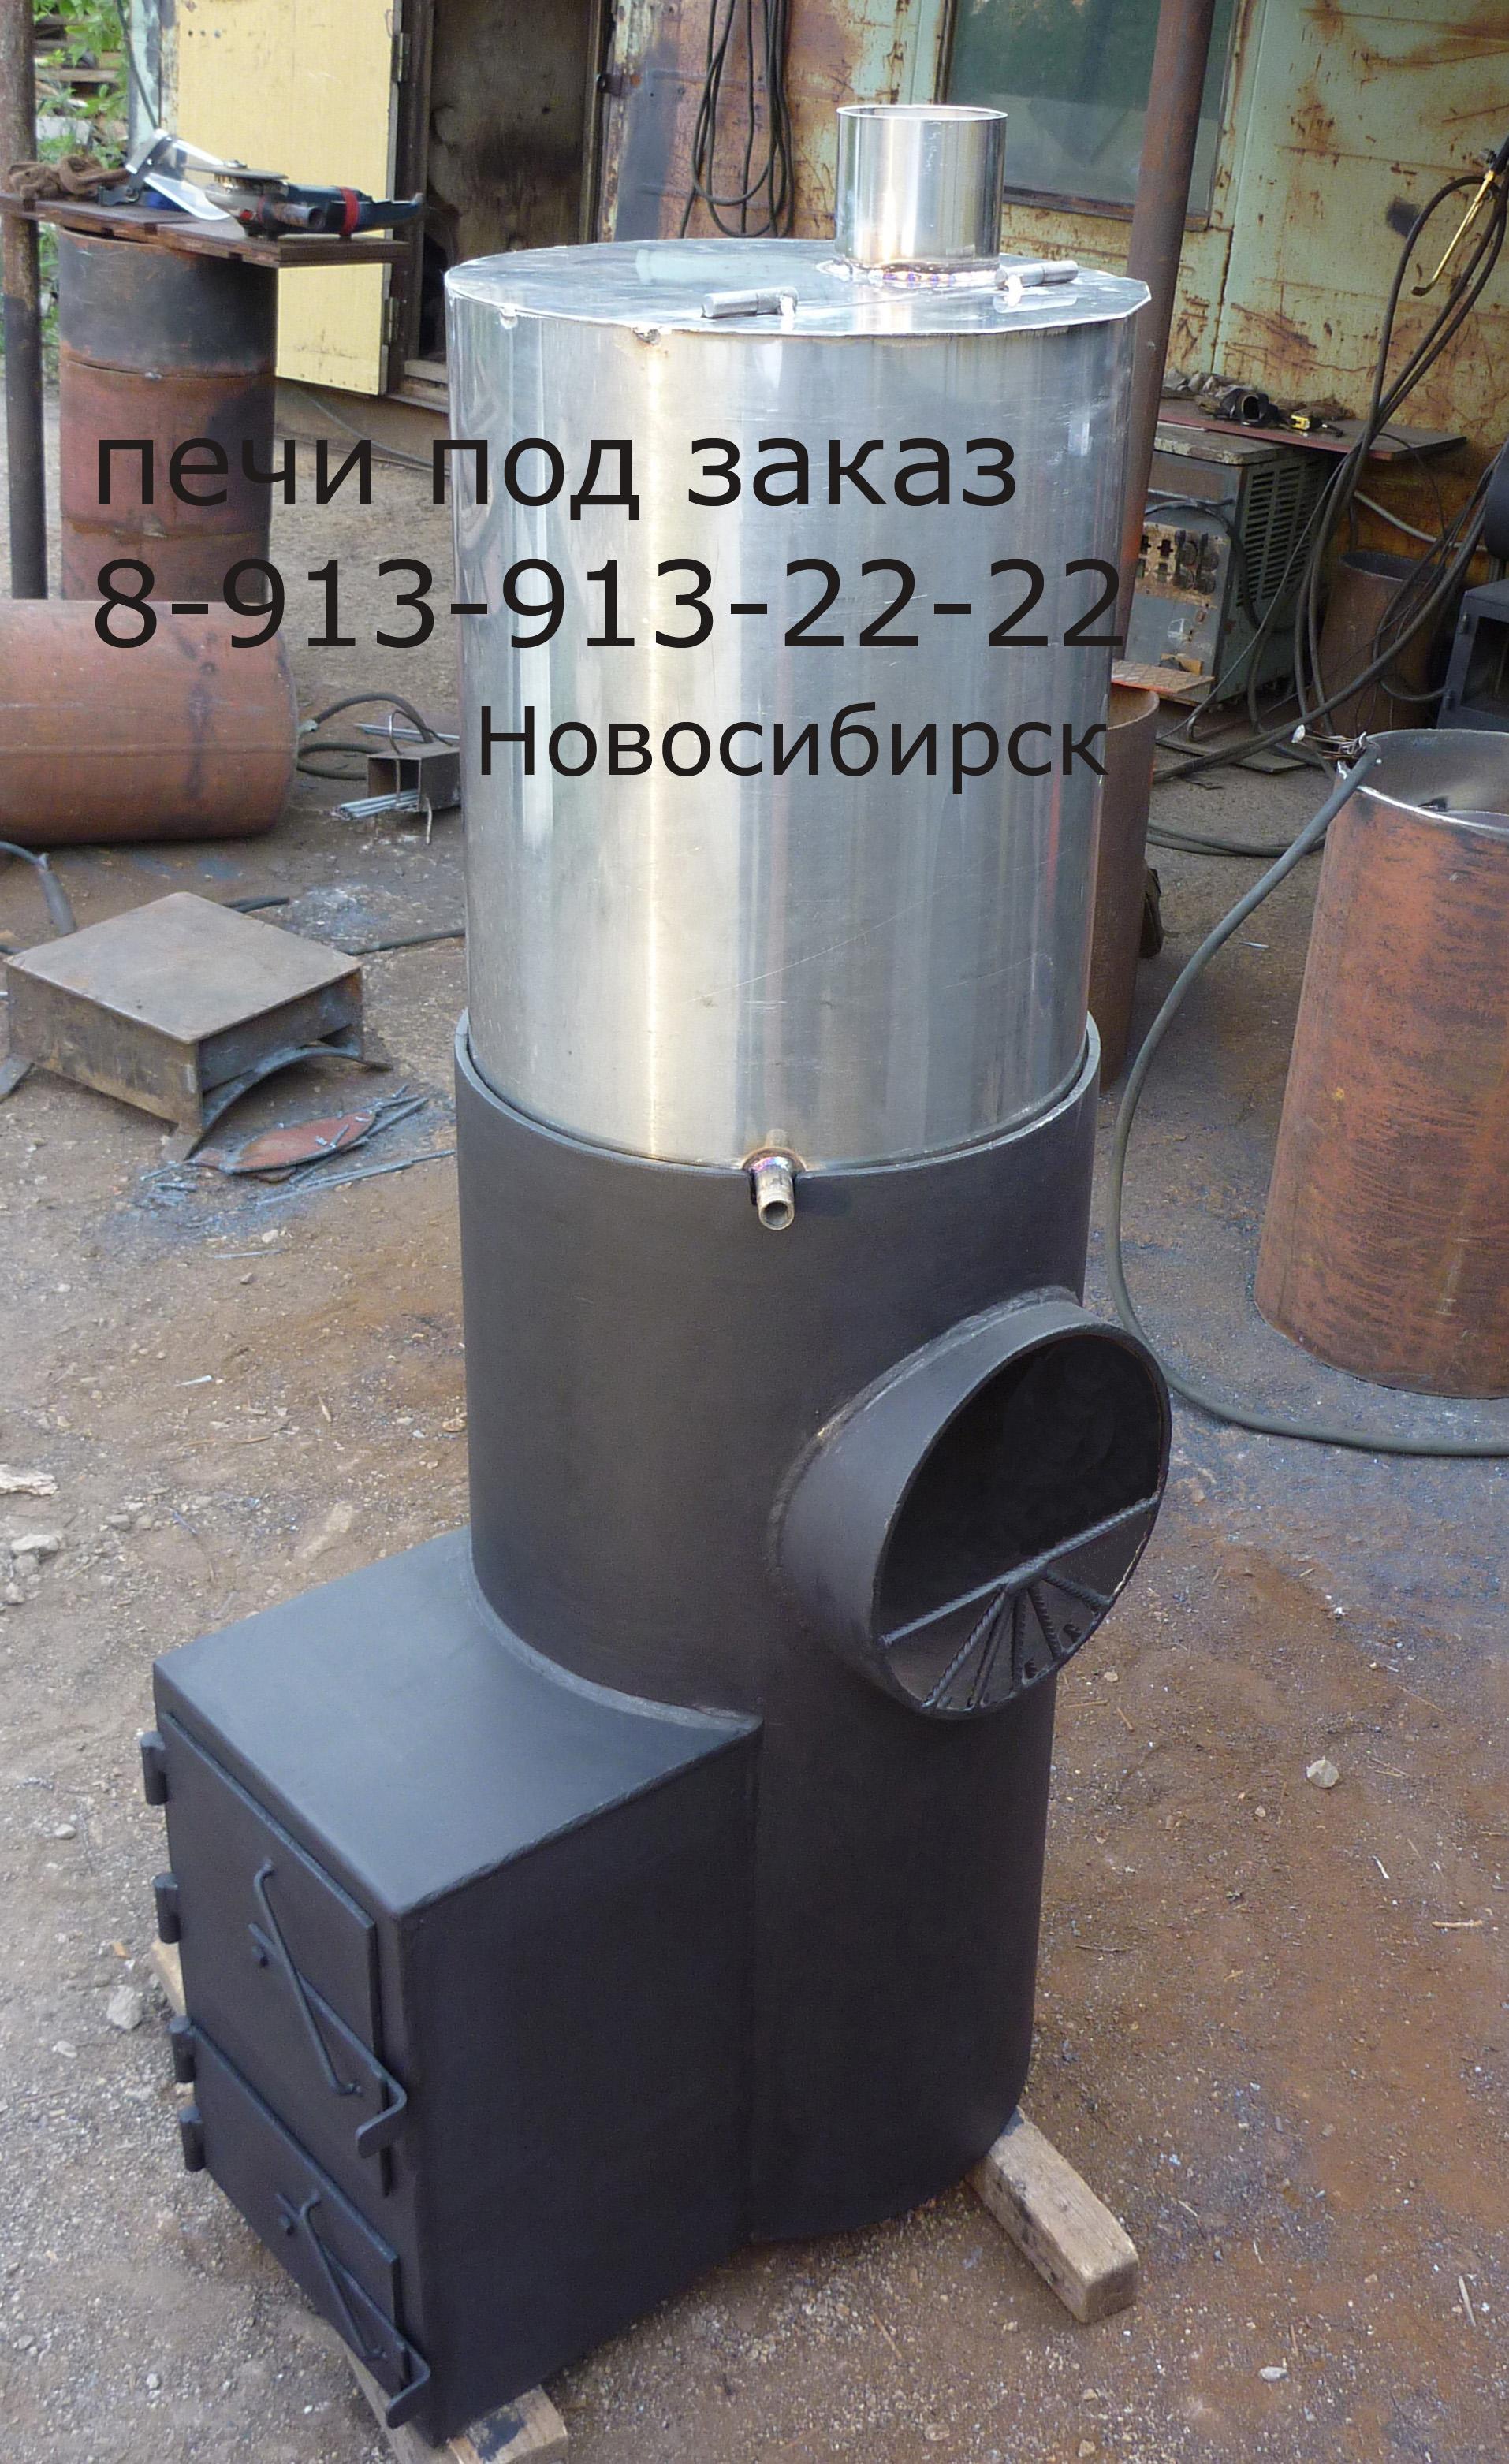 Печь для бани из трубы с баком из нержавейки, воздушной прослойкой, рамкой и кирпичной стенкой